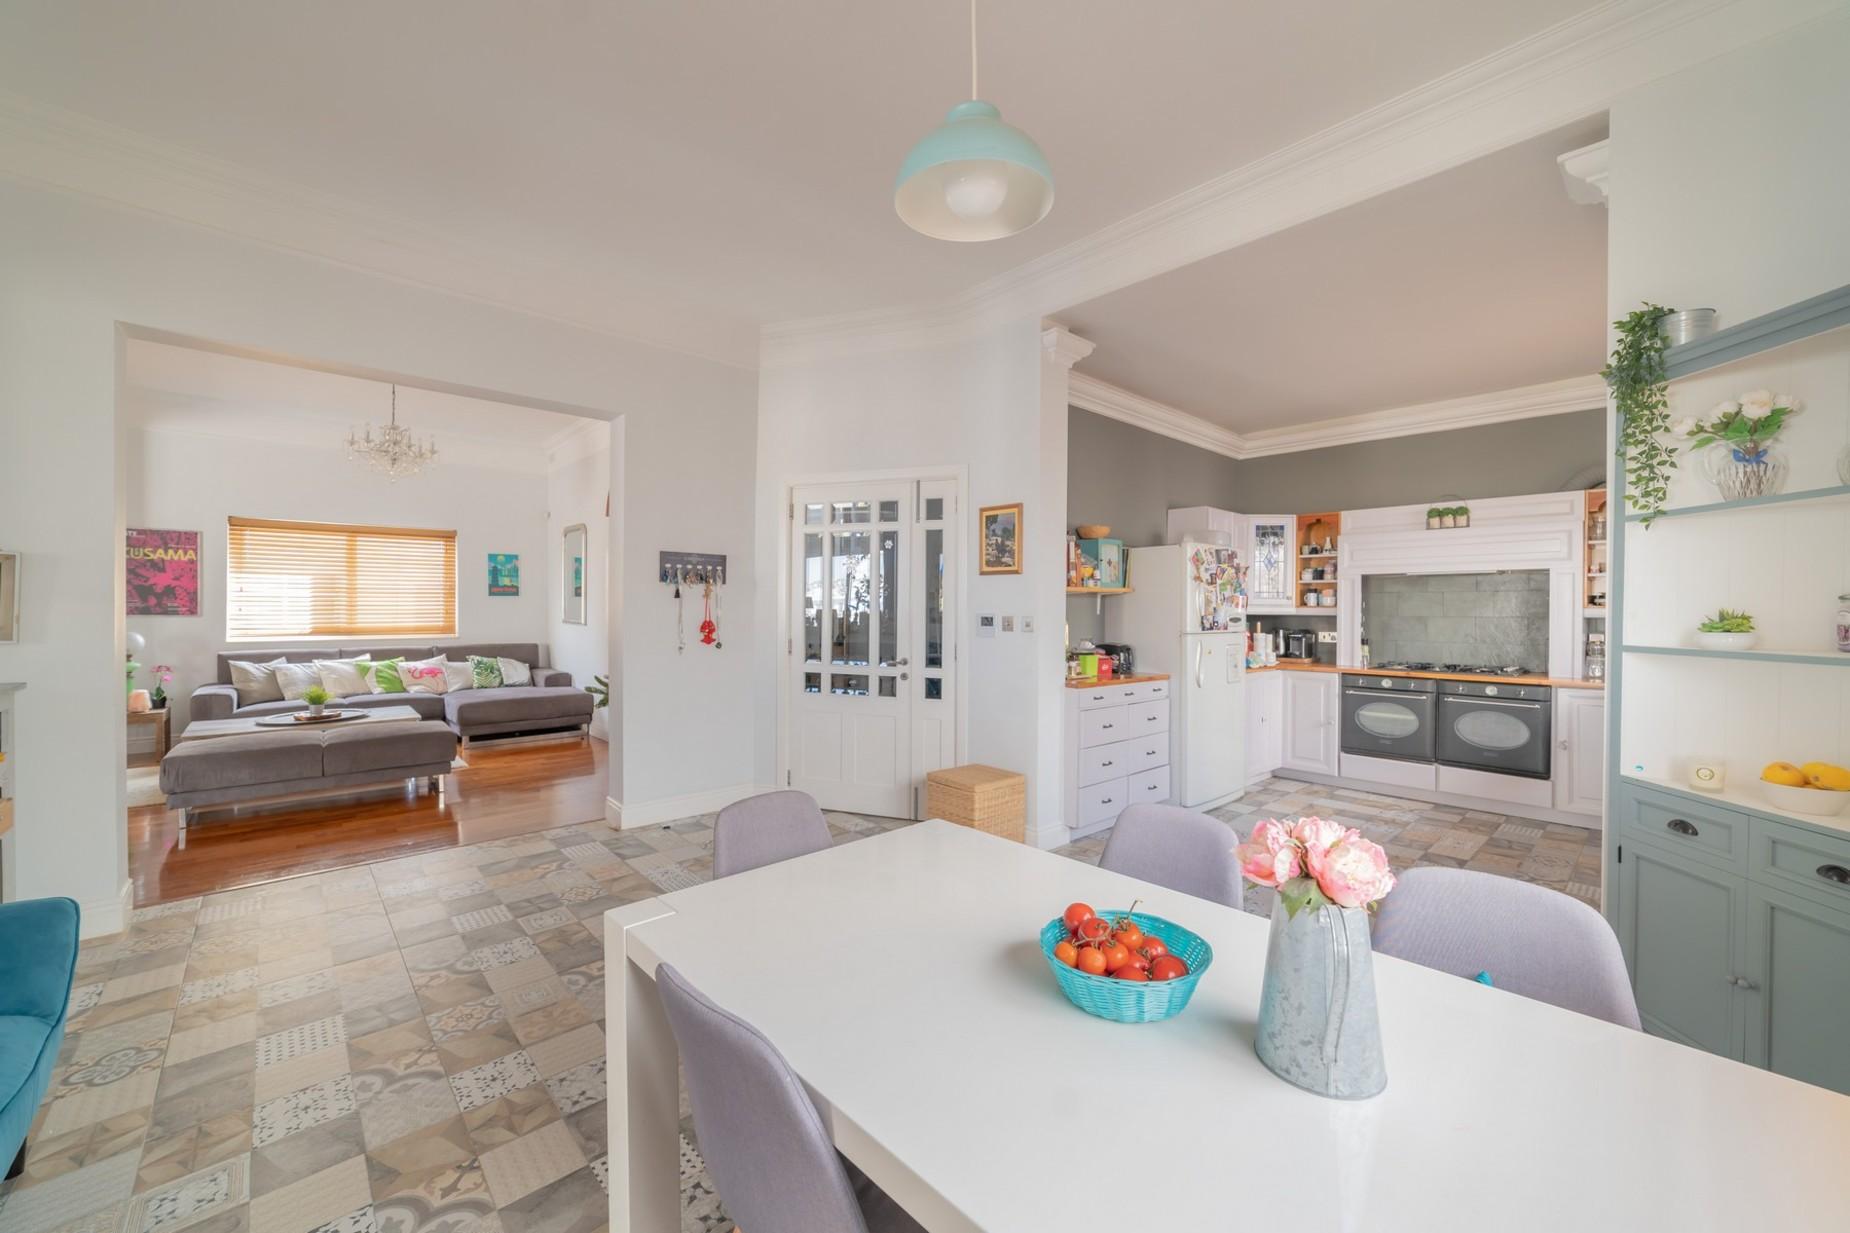 4 bed Apartment For Sale in Ta' Xbiex, Ta' Xbiex - thumb 8